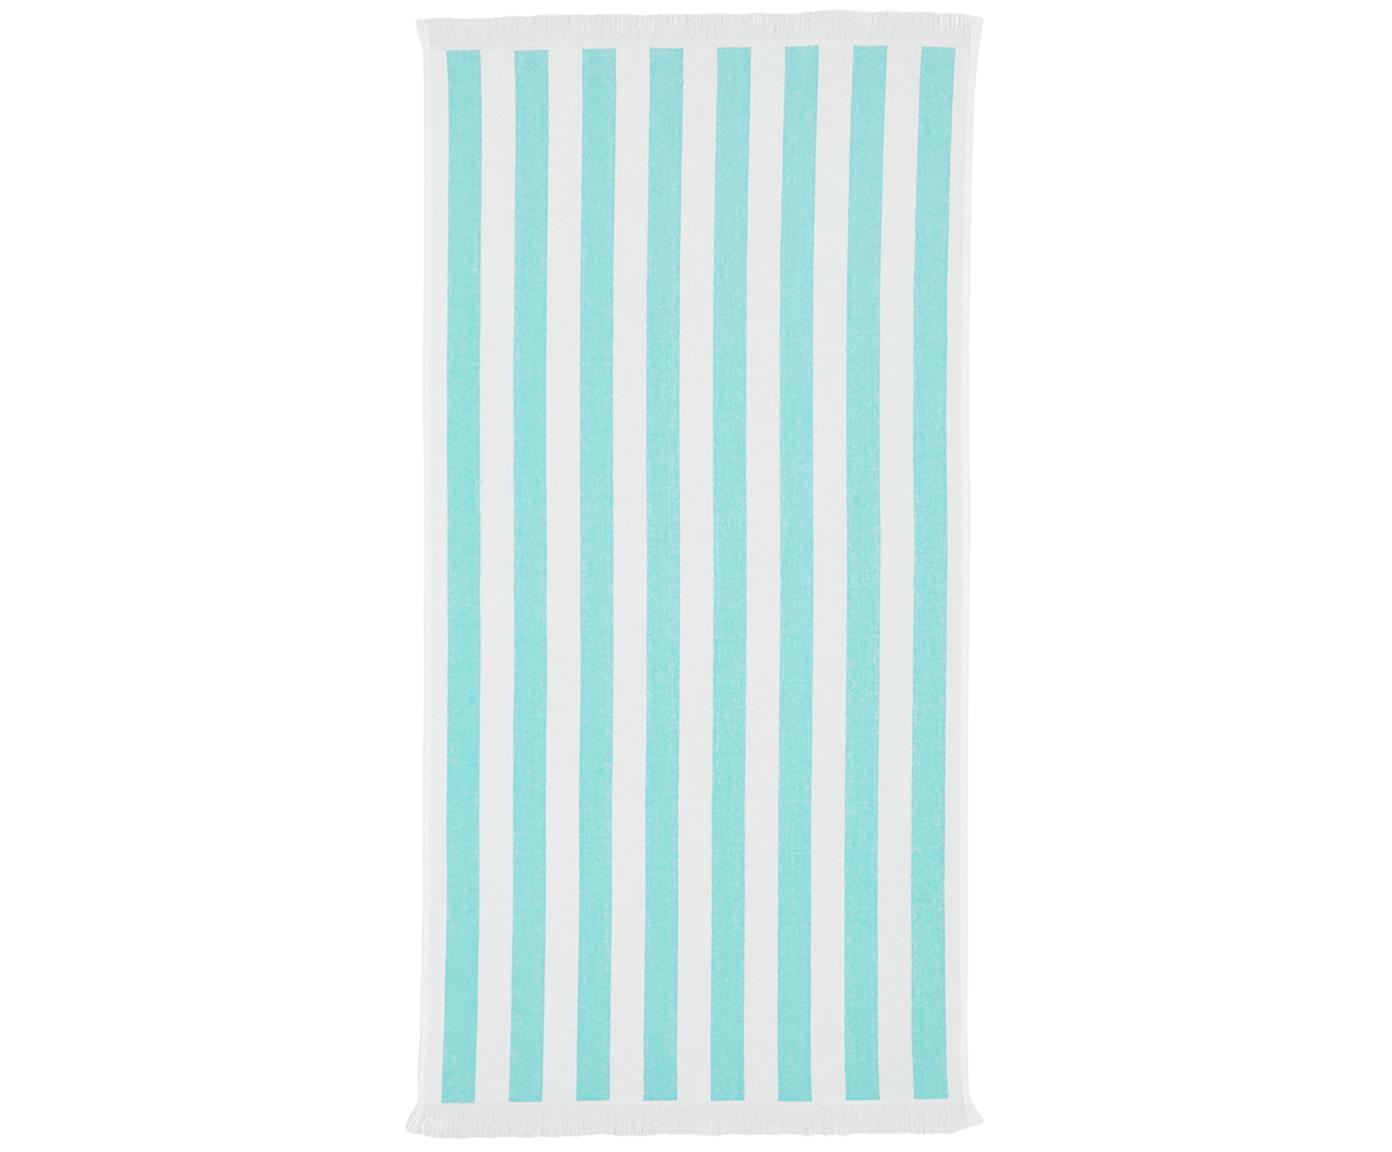 Strandlaken Mare, Katoen Lichte kwaliteit 380 g/m², Turquoise, wit, 80 x 160 cm